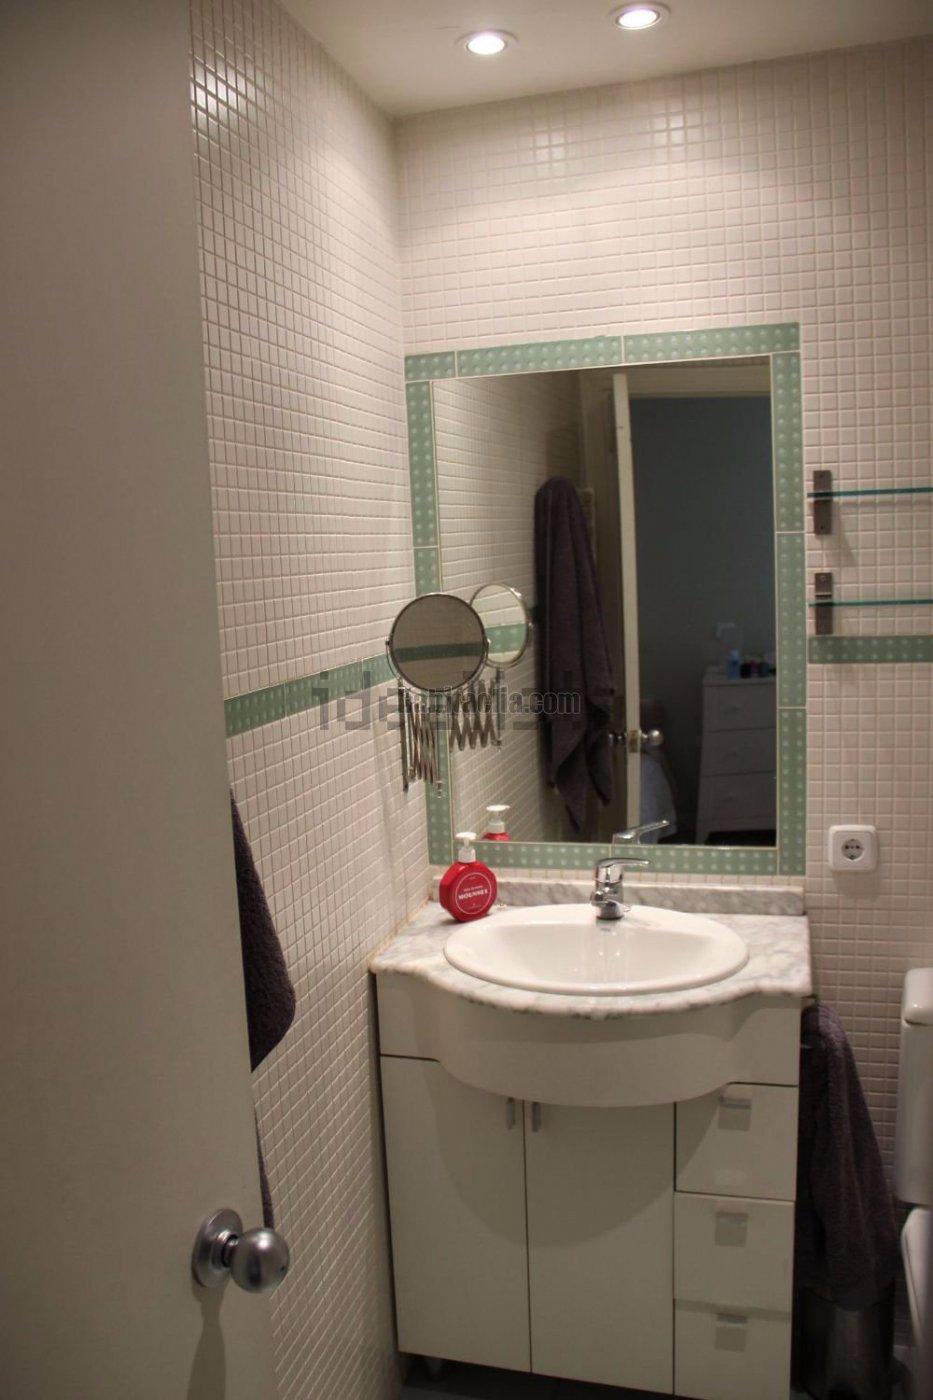 Alquiler piso por 800 en calle infanta mercedes apartamento exterior reformado ideal jovenes en - Alquiler piso humanes de madrid ...